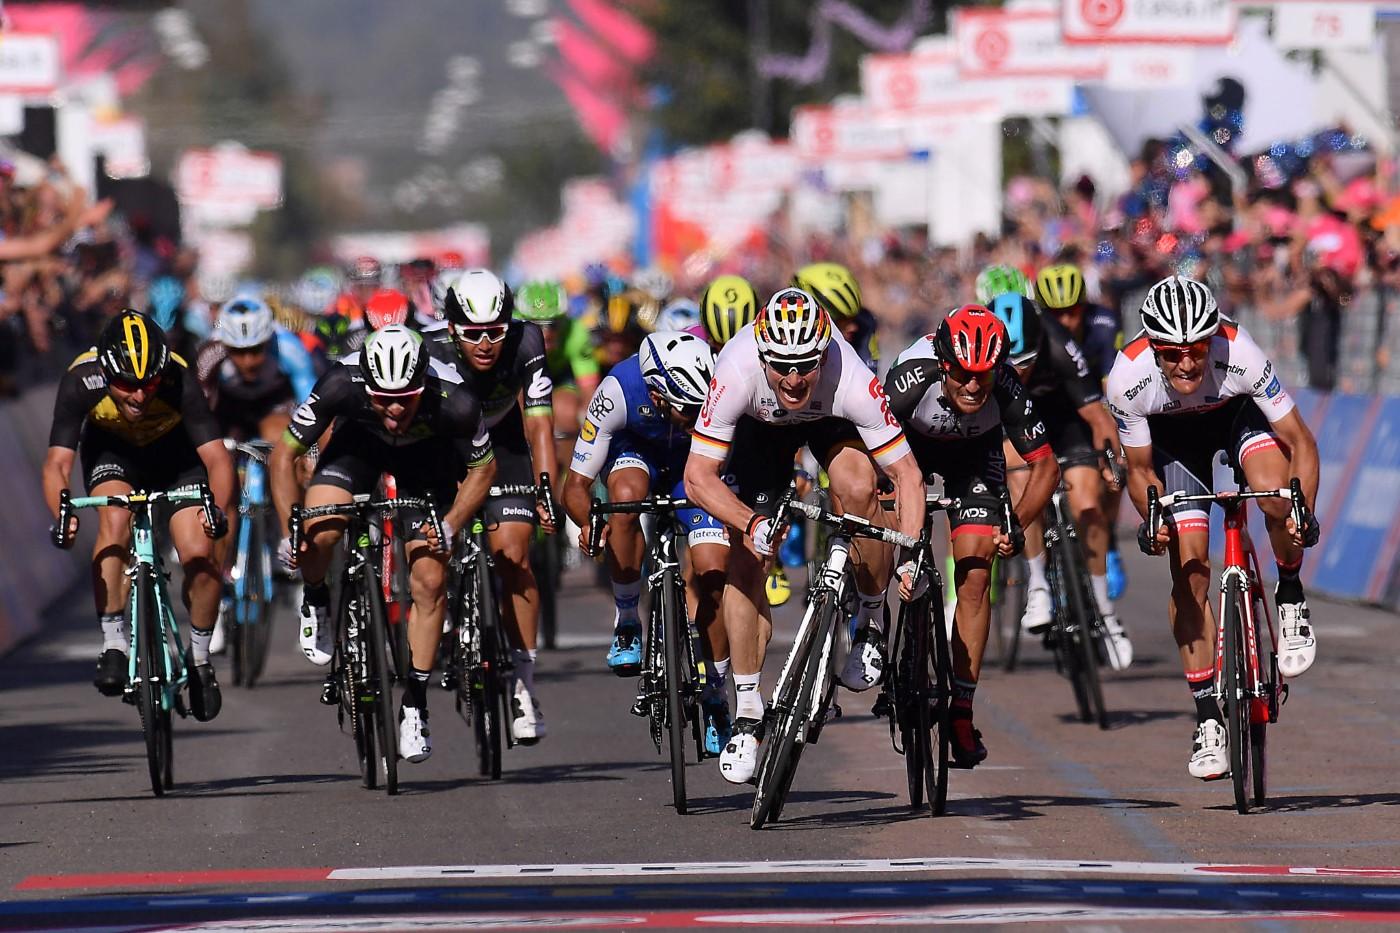 Foto LaPresse - Gian Mattia D'Alberto 06/05/2017 Tortoli' (Italia) Sport Ciclismo Giro d'Italia 2017 - 100a edizione - Tappa 2 - da Olbia a Tortoli' - 211 km ( 131 miglia ) Nella foto: la volata finale di GREIPEL AndrŽ ( GER )( Lotto Soudal ) , vincitore di tappa e maglia rosa Photo LaPresse - Gian Mattia D'Alberto 06/05/2017 Tortoli' (Italy ) Sport Cycling Giro d'Italia 2017 - 100th edition - Stage 2 - Olbia to Tortoli' - 211 km ( 131 miles ) In the pic: GREIPEL AndrŽ ( GER )( Lotto Soudal ) , winner of the stage and pink jersey